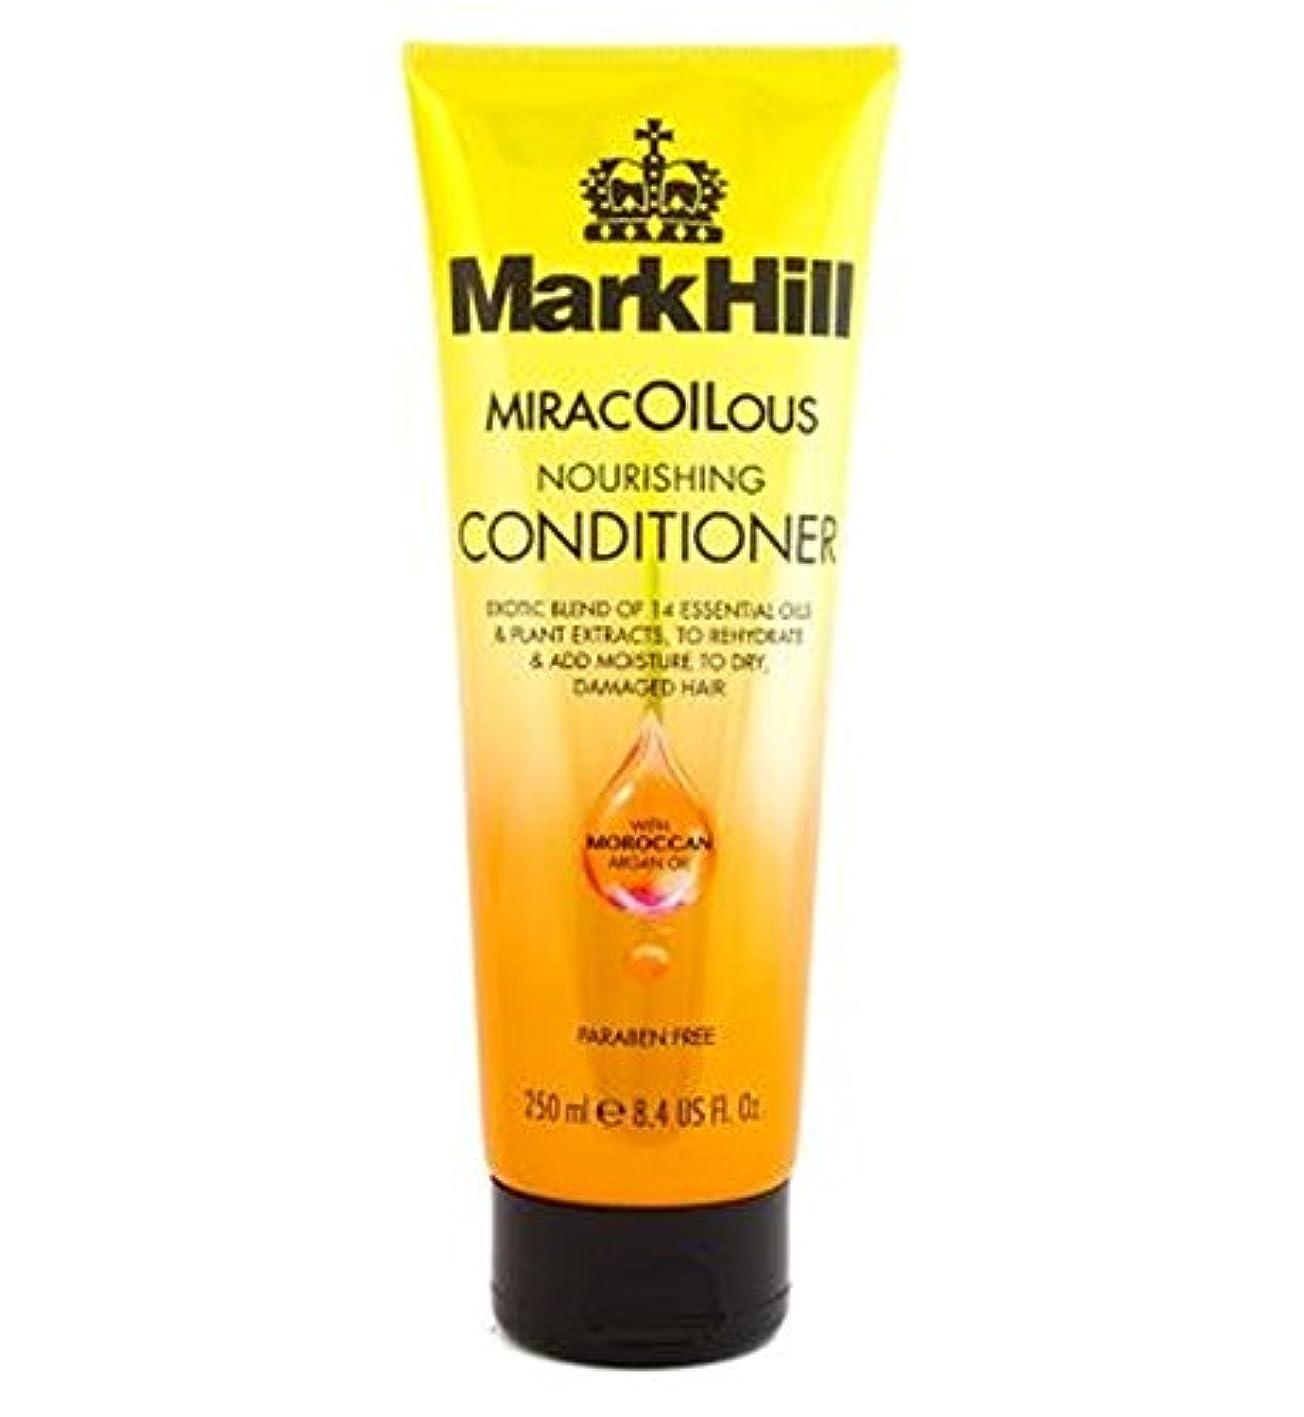 土地怪物つかいますマーク丘Miracoiliciousコンディショナー250Ml (Mark Hill) (x2) - Mark Hill MiracOILicious Conditioner 250ml (Pack of 2) [並行輸入品]